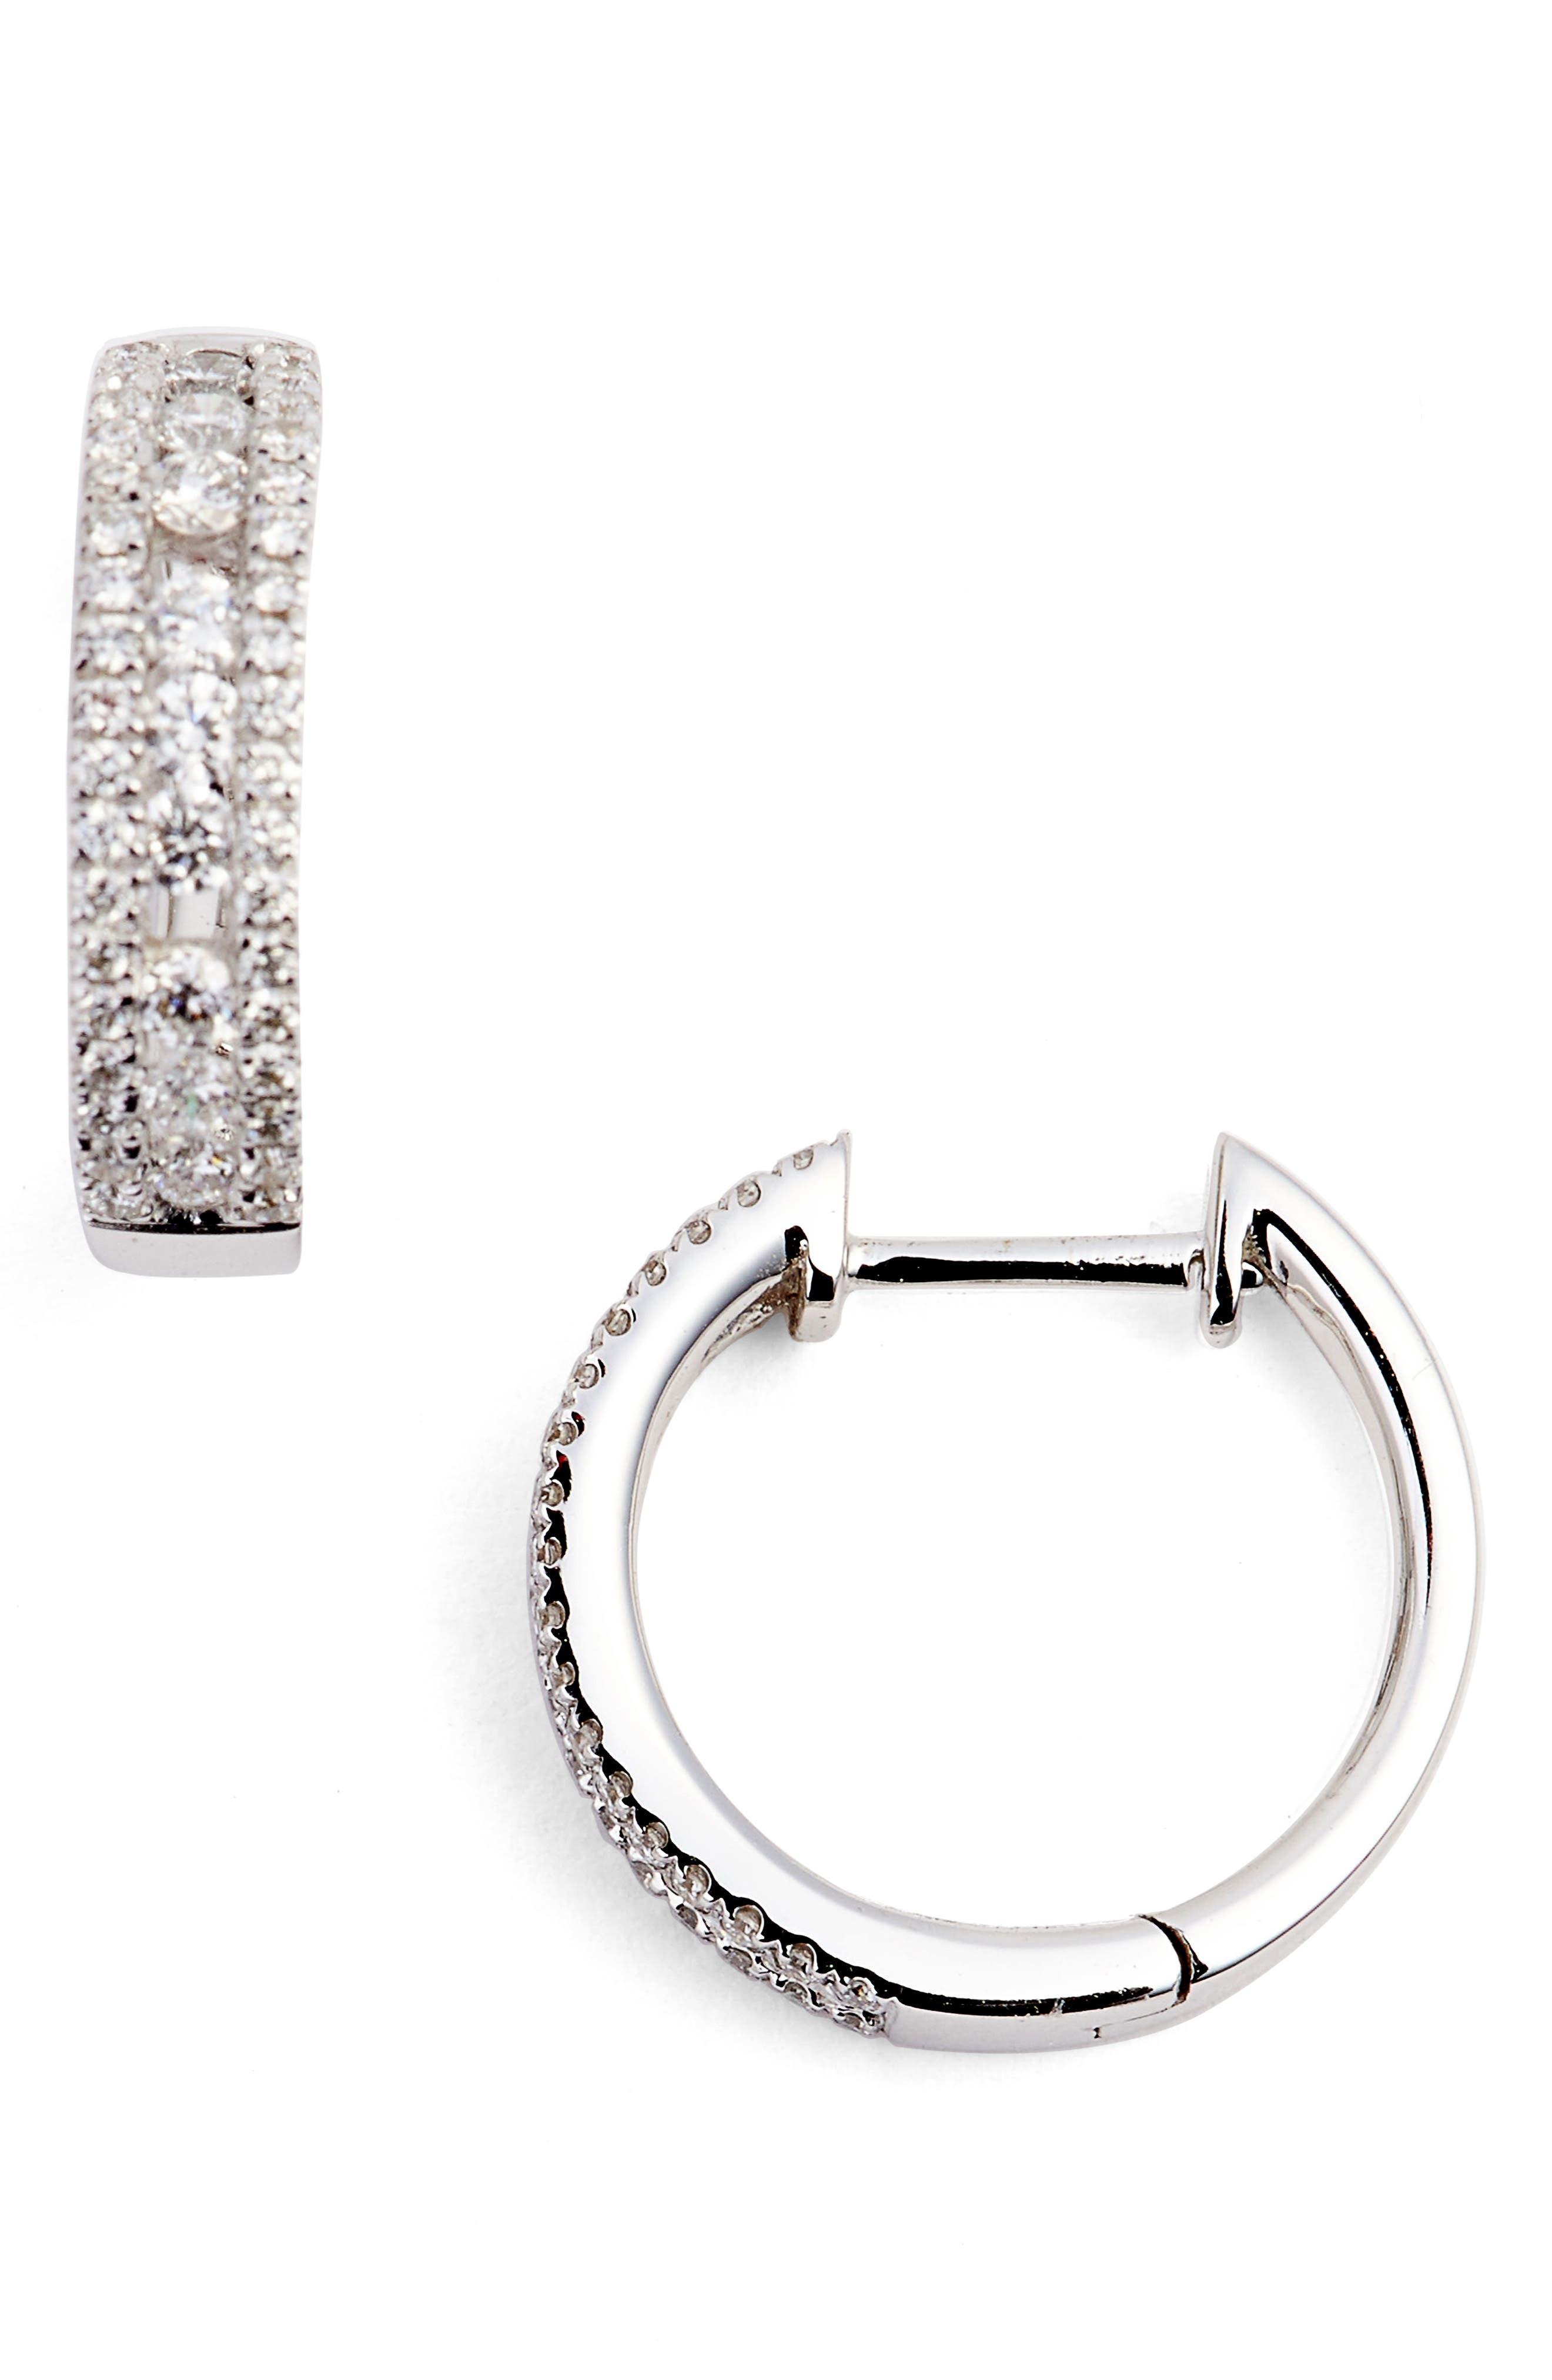 Amara Small Diamond Hoop Earrings,                             Main thumbnail 1, color,                             WHITE GOLD